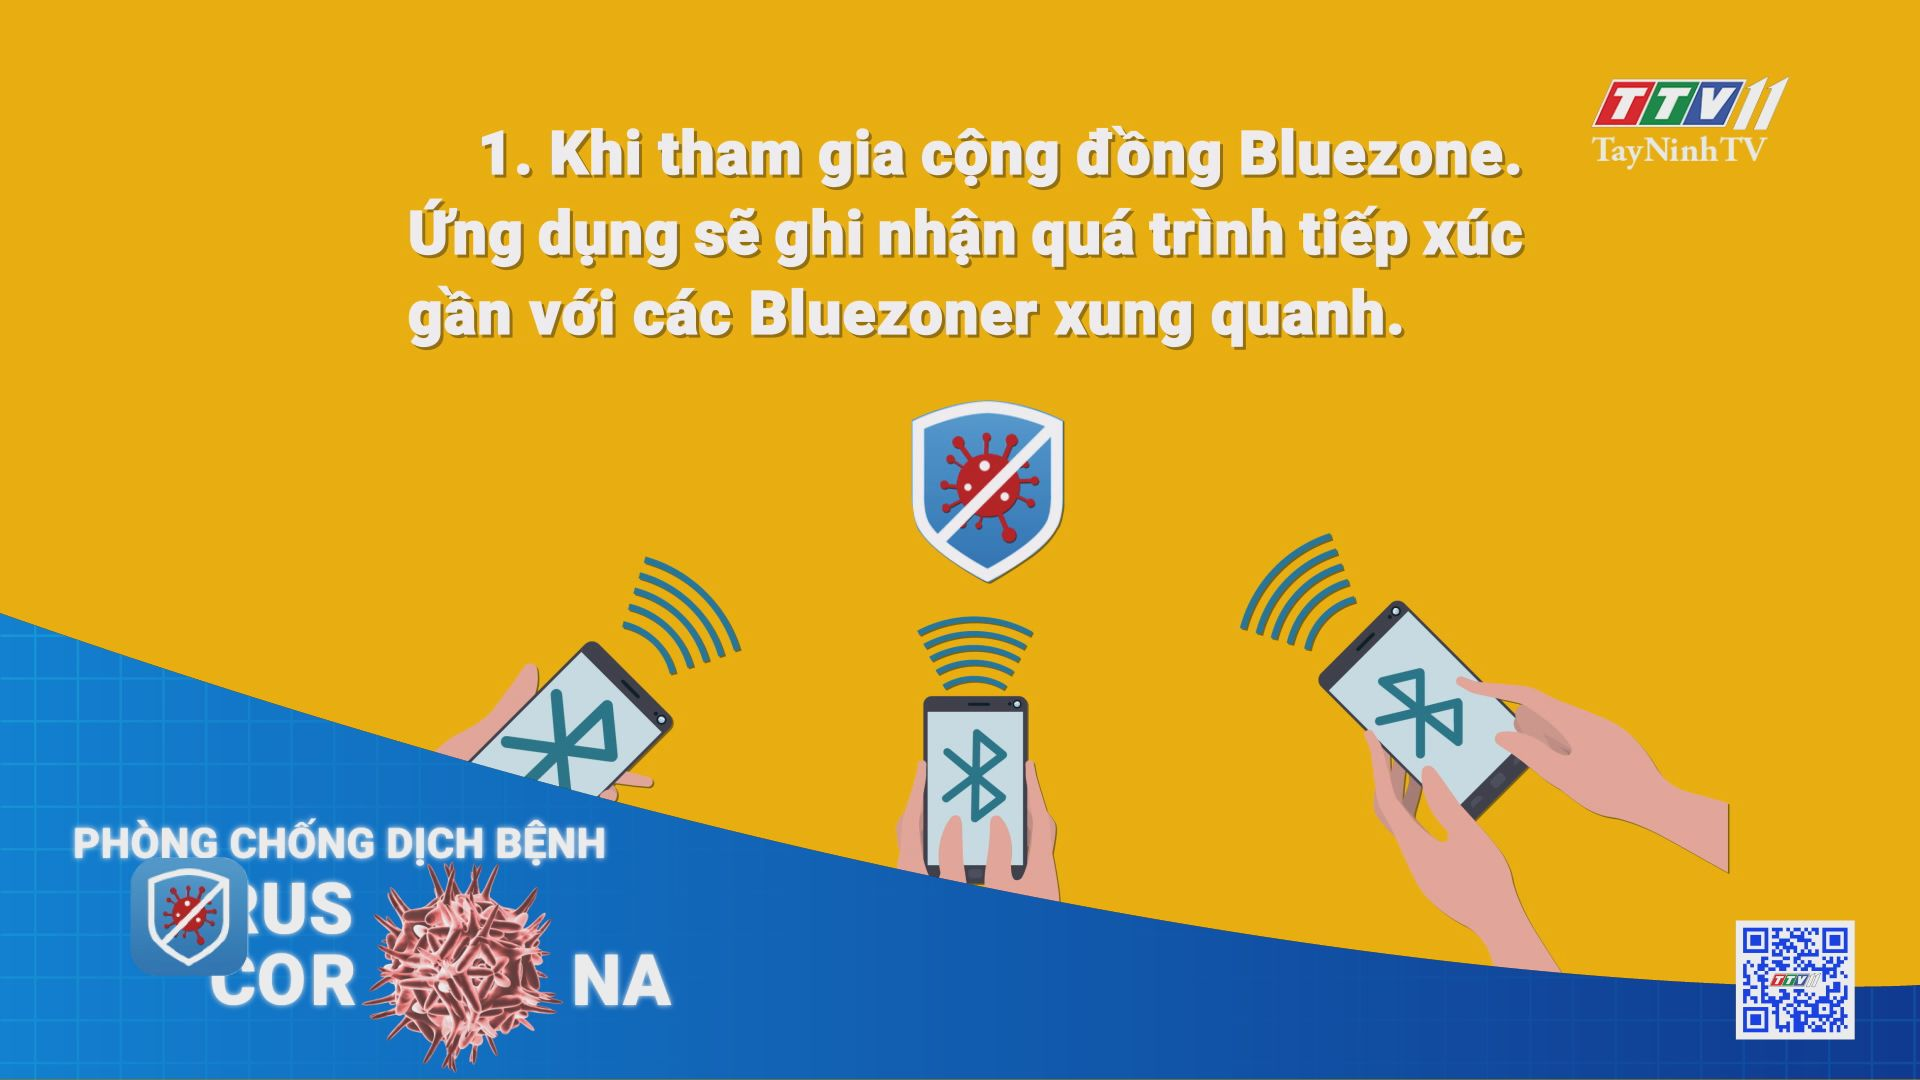 Giải đáp một số thắc mắc thường gặp về ứng dụng Bluezone | THÔNG TIN DỊCH CÚM COVID-19 | TayNinhTV